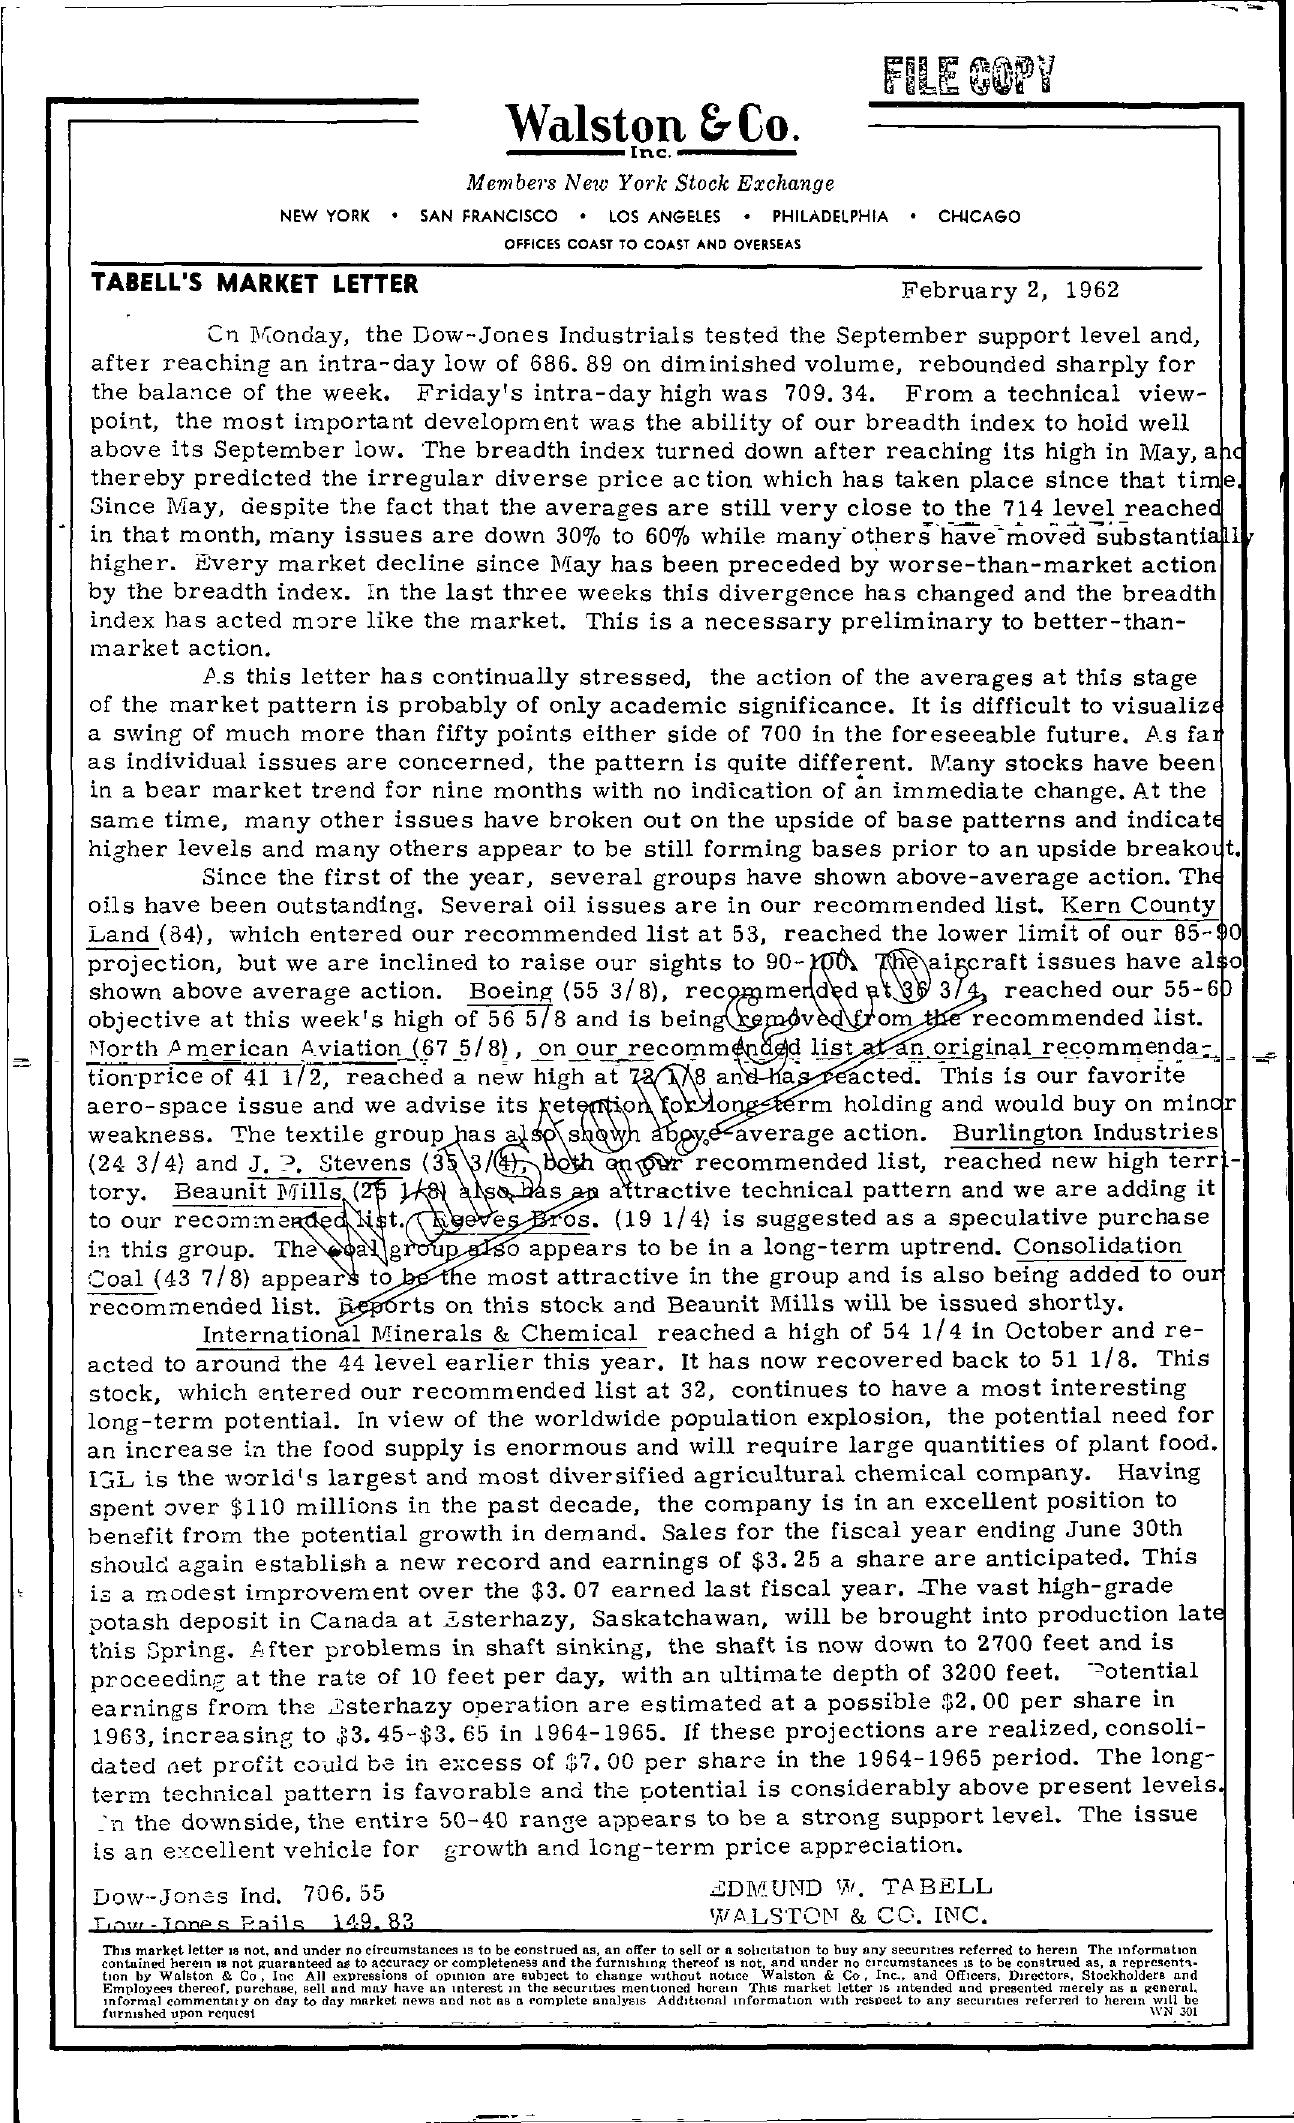 Tabell's Market Letter - February 02, 1962